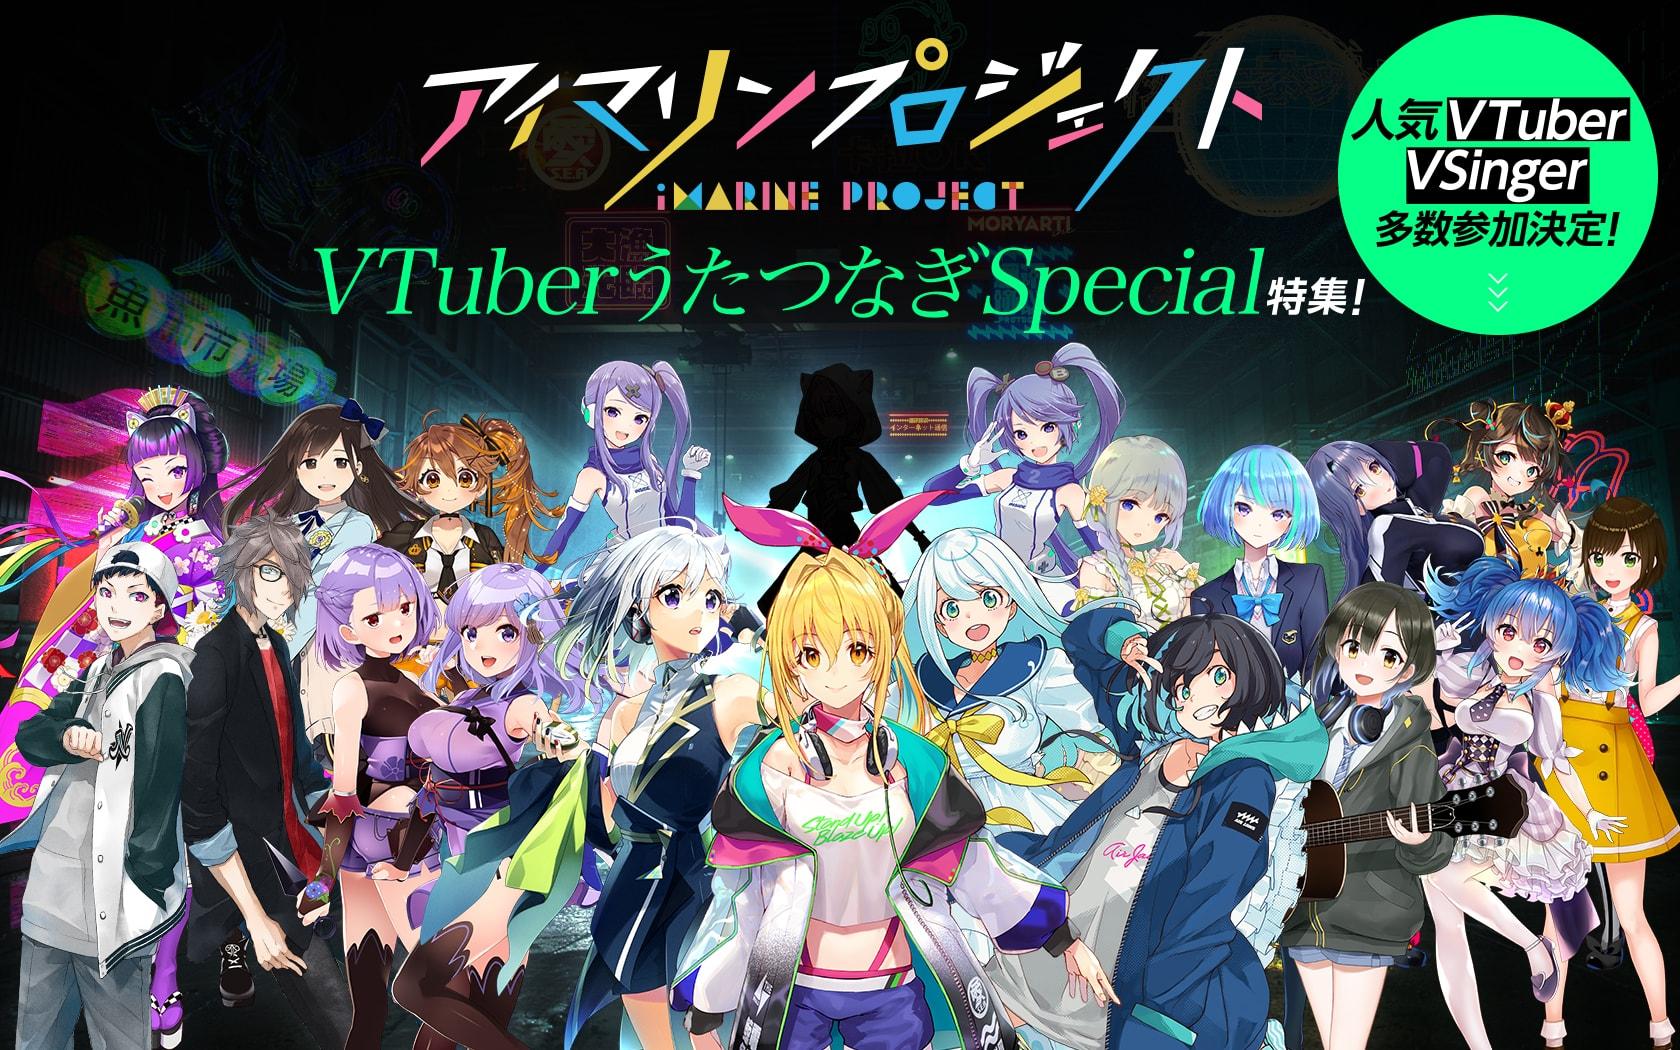 【特集】アイマリンプロジェクト  VTuberうたつなぎSpecial - KAI-YOU.net